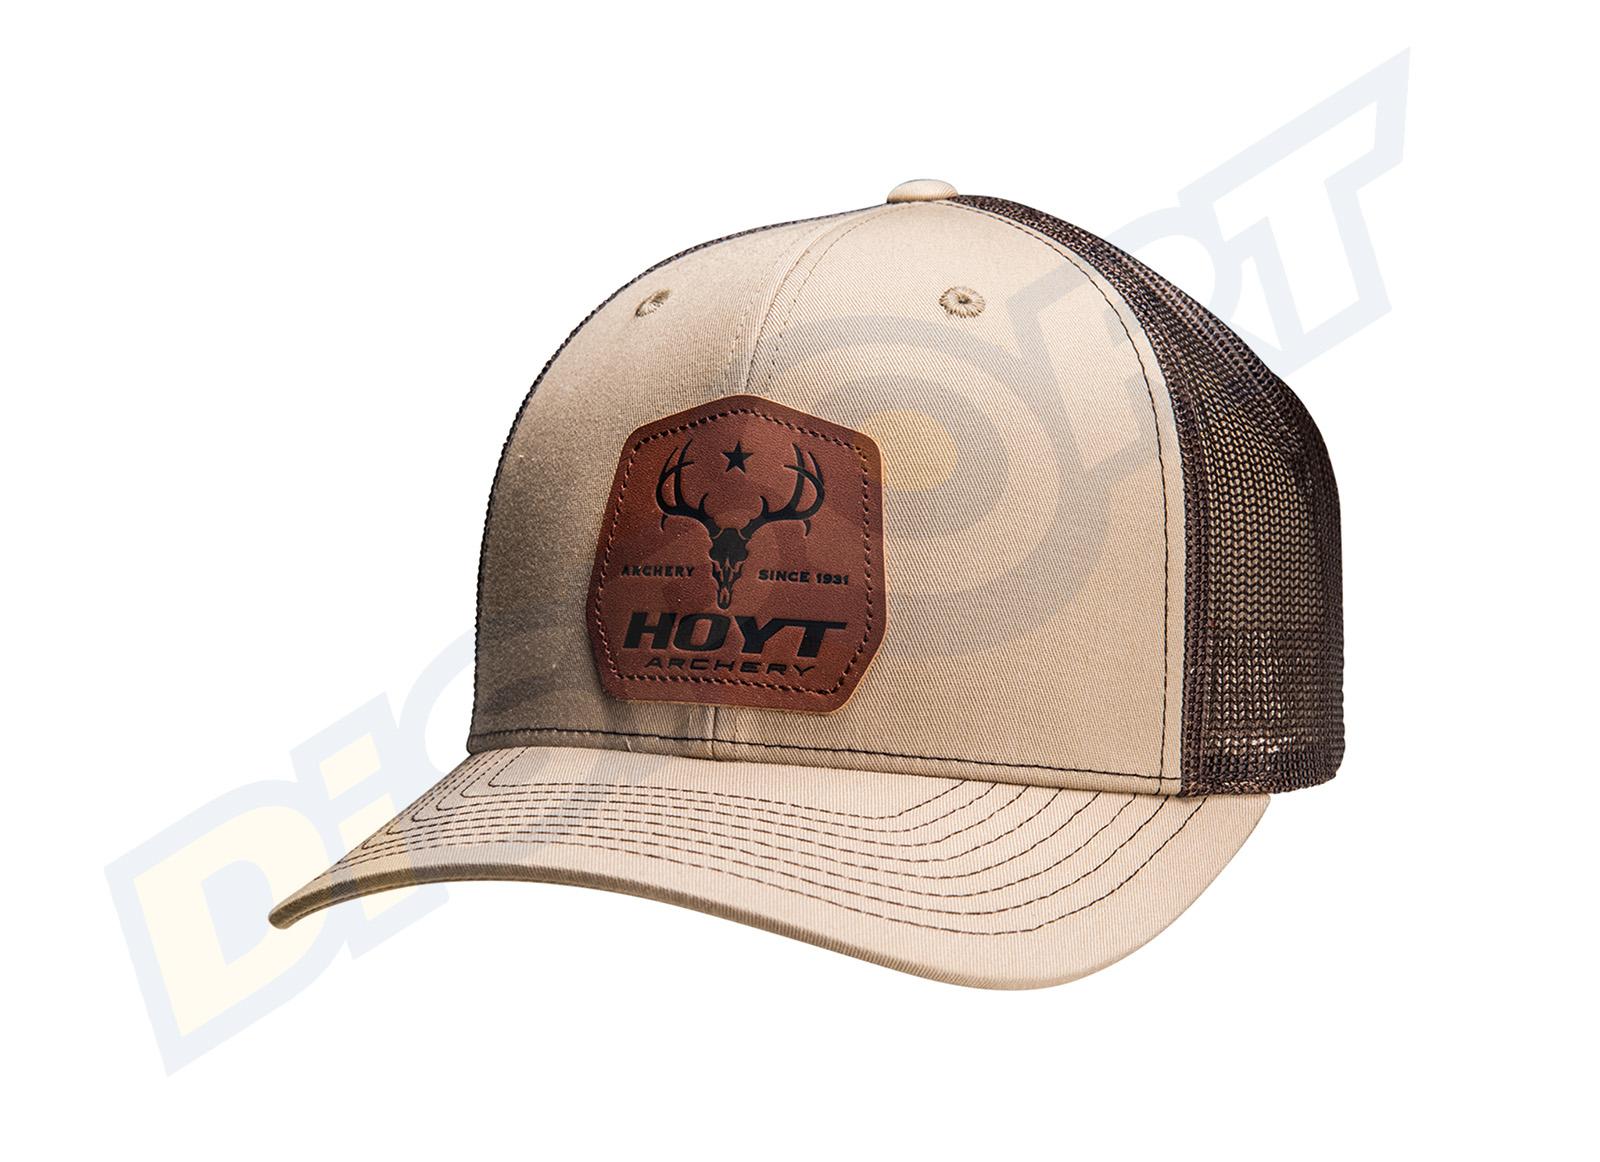 HOYT CAP DRIFTER